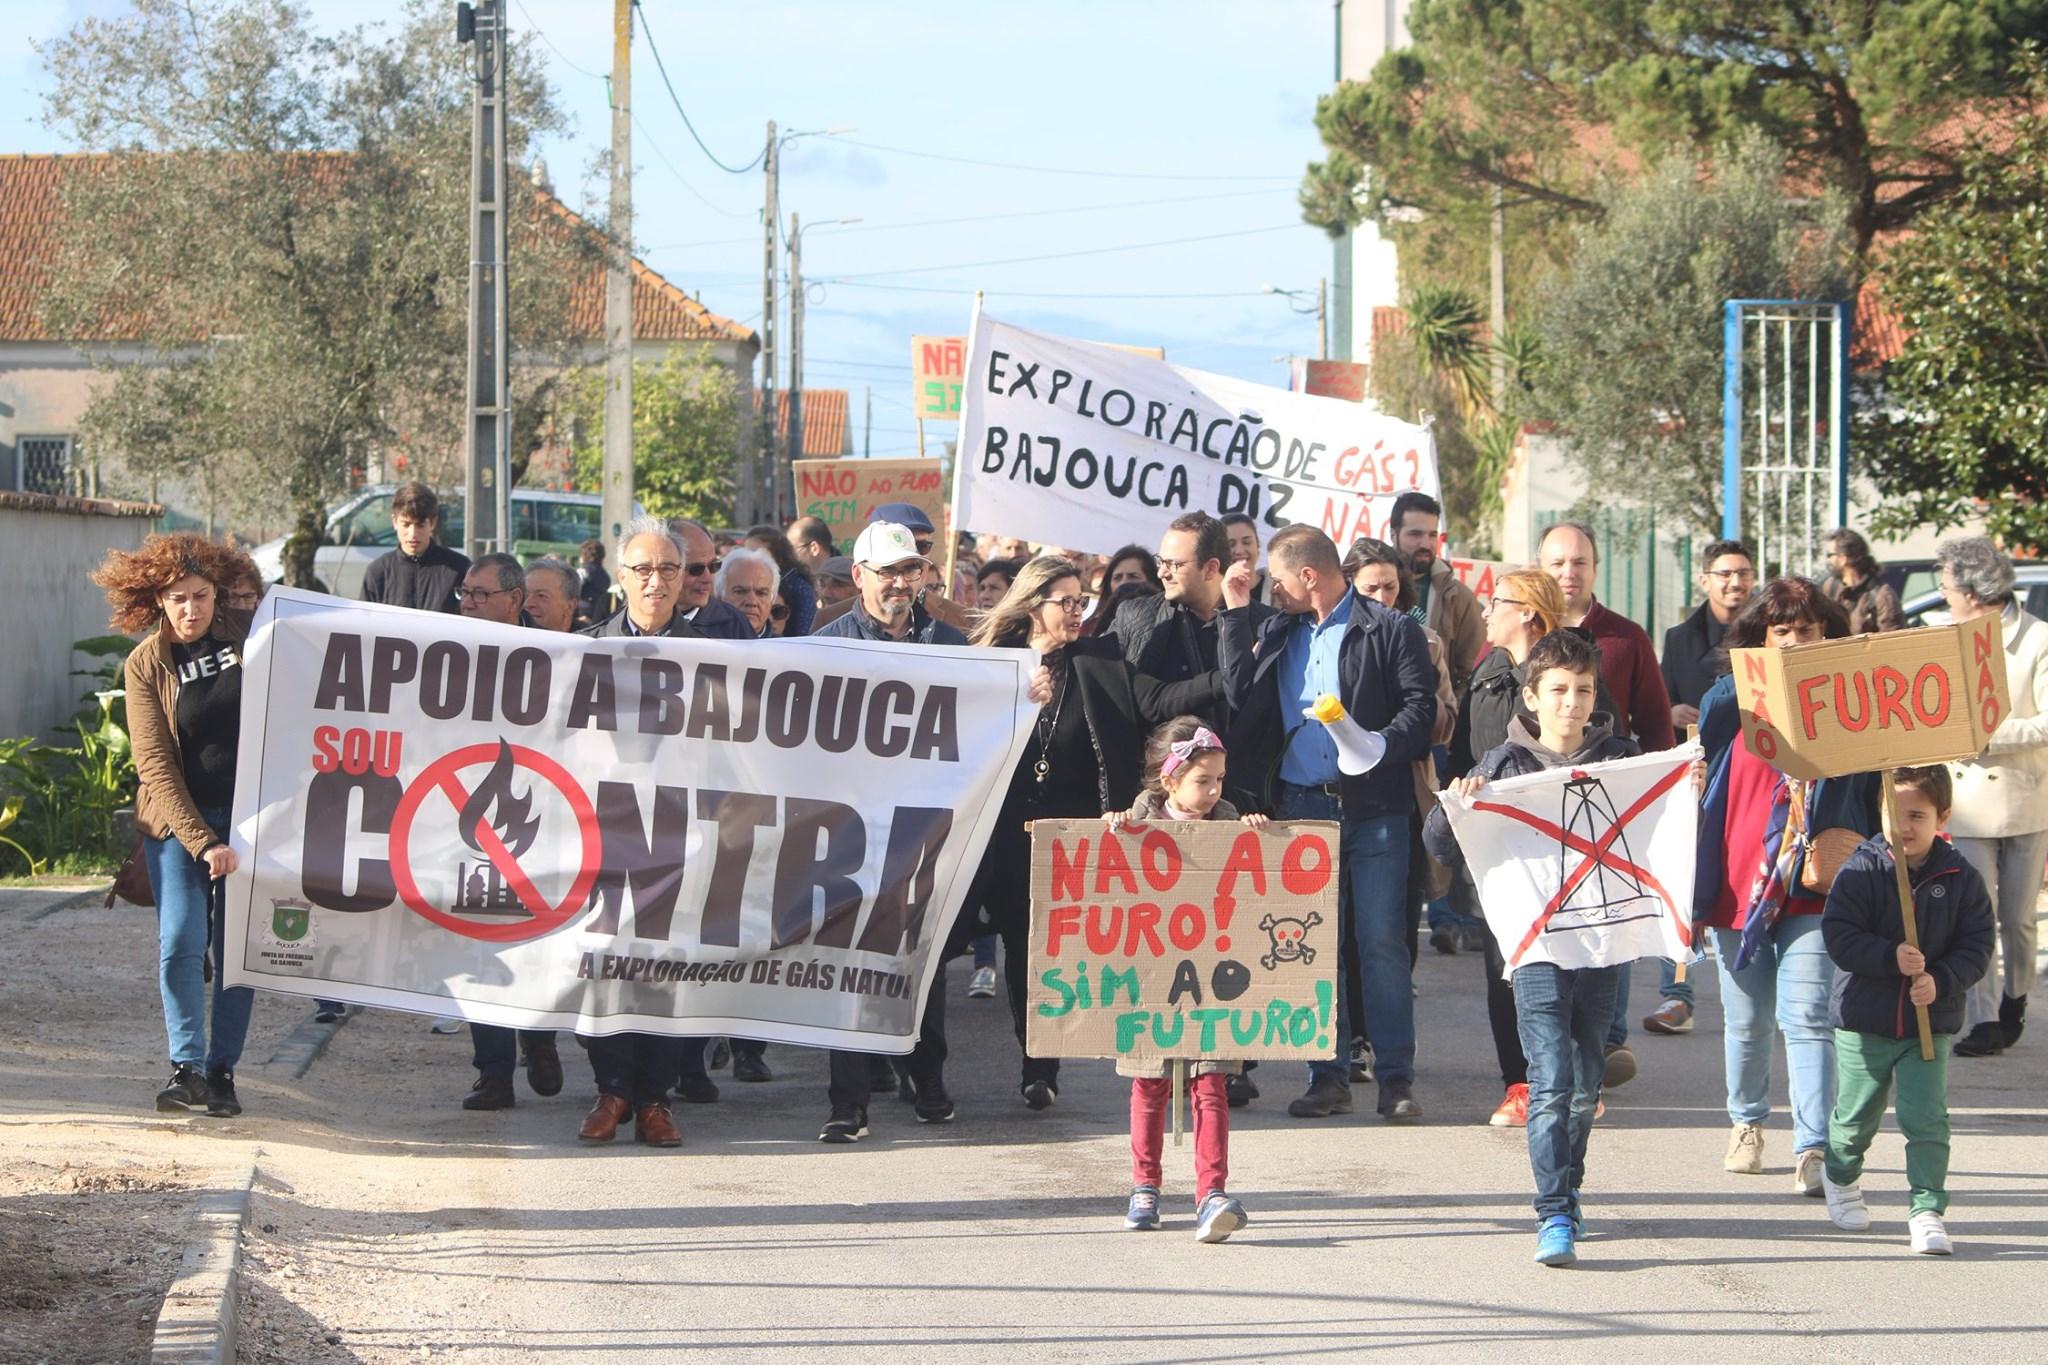 População da Bajouca Diz Não à Prospecção de Gás